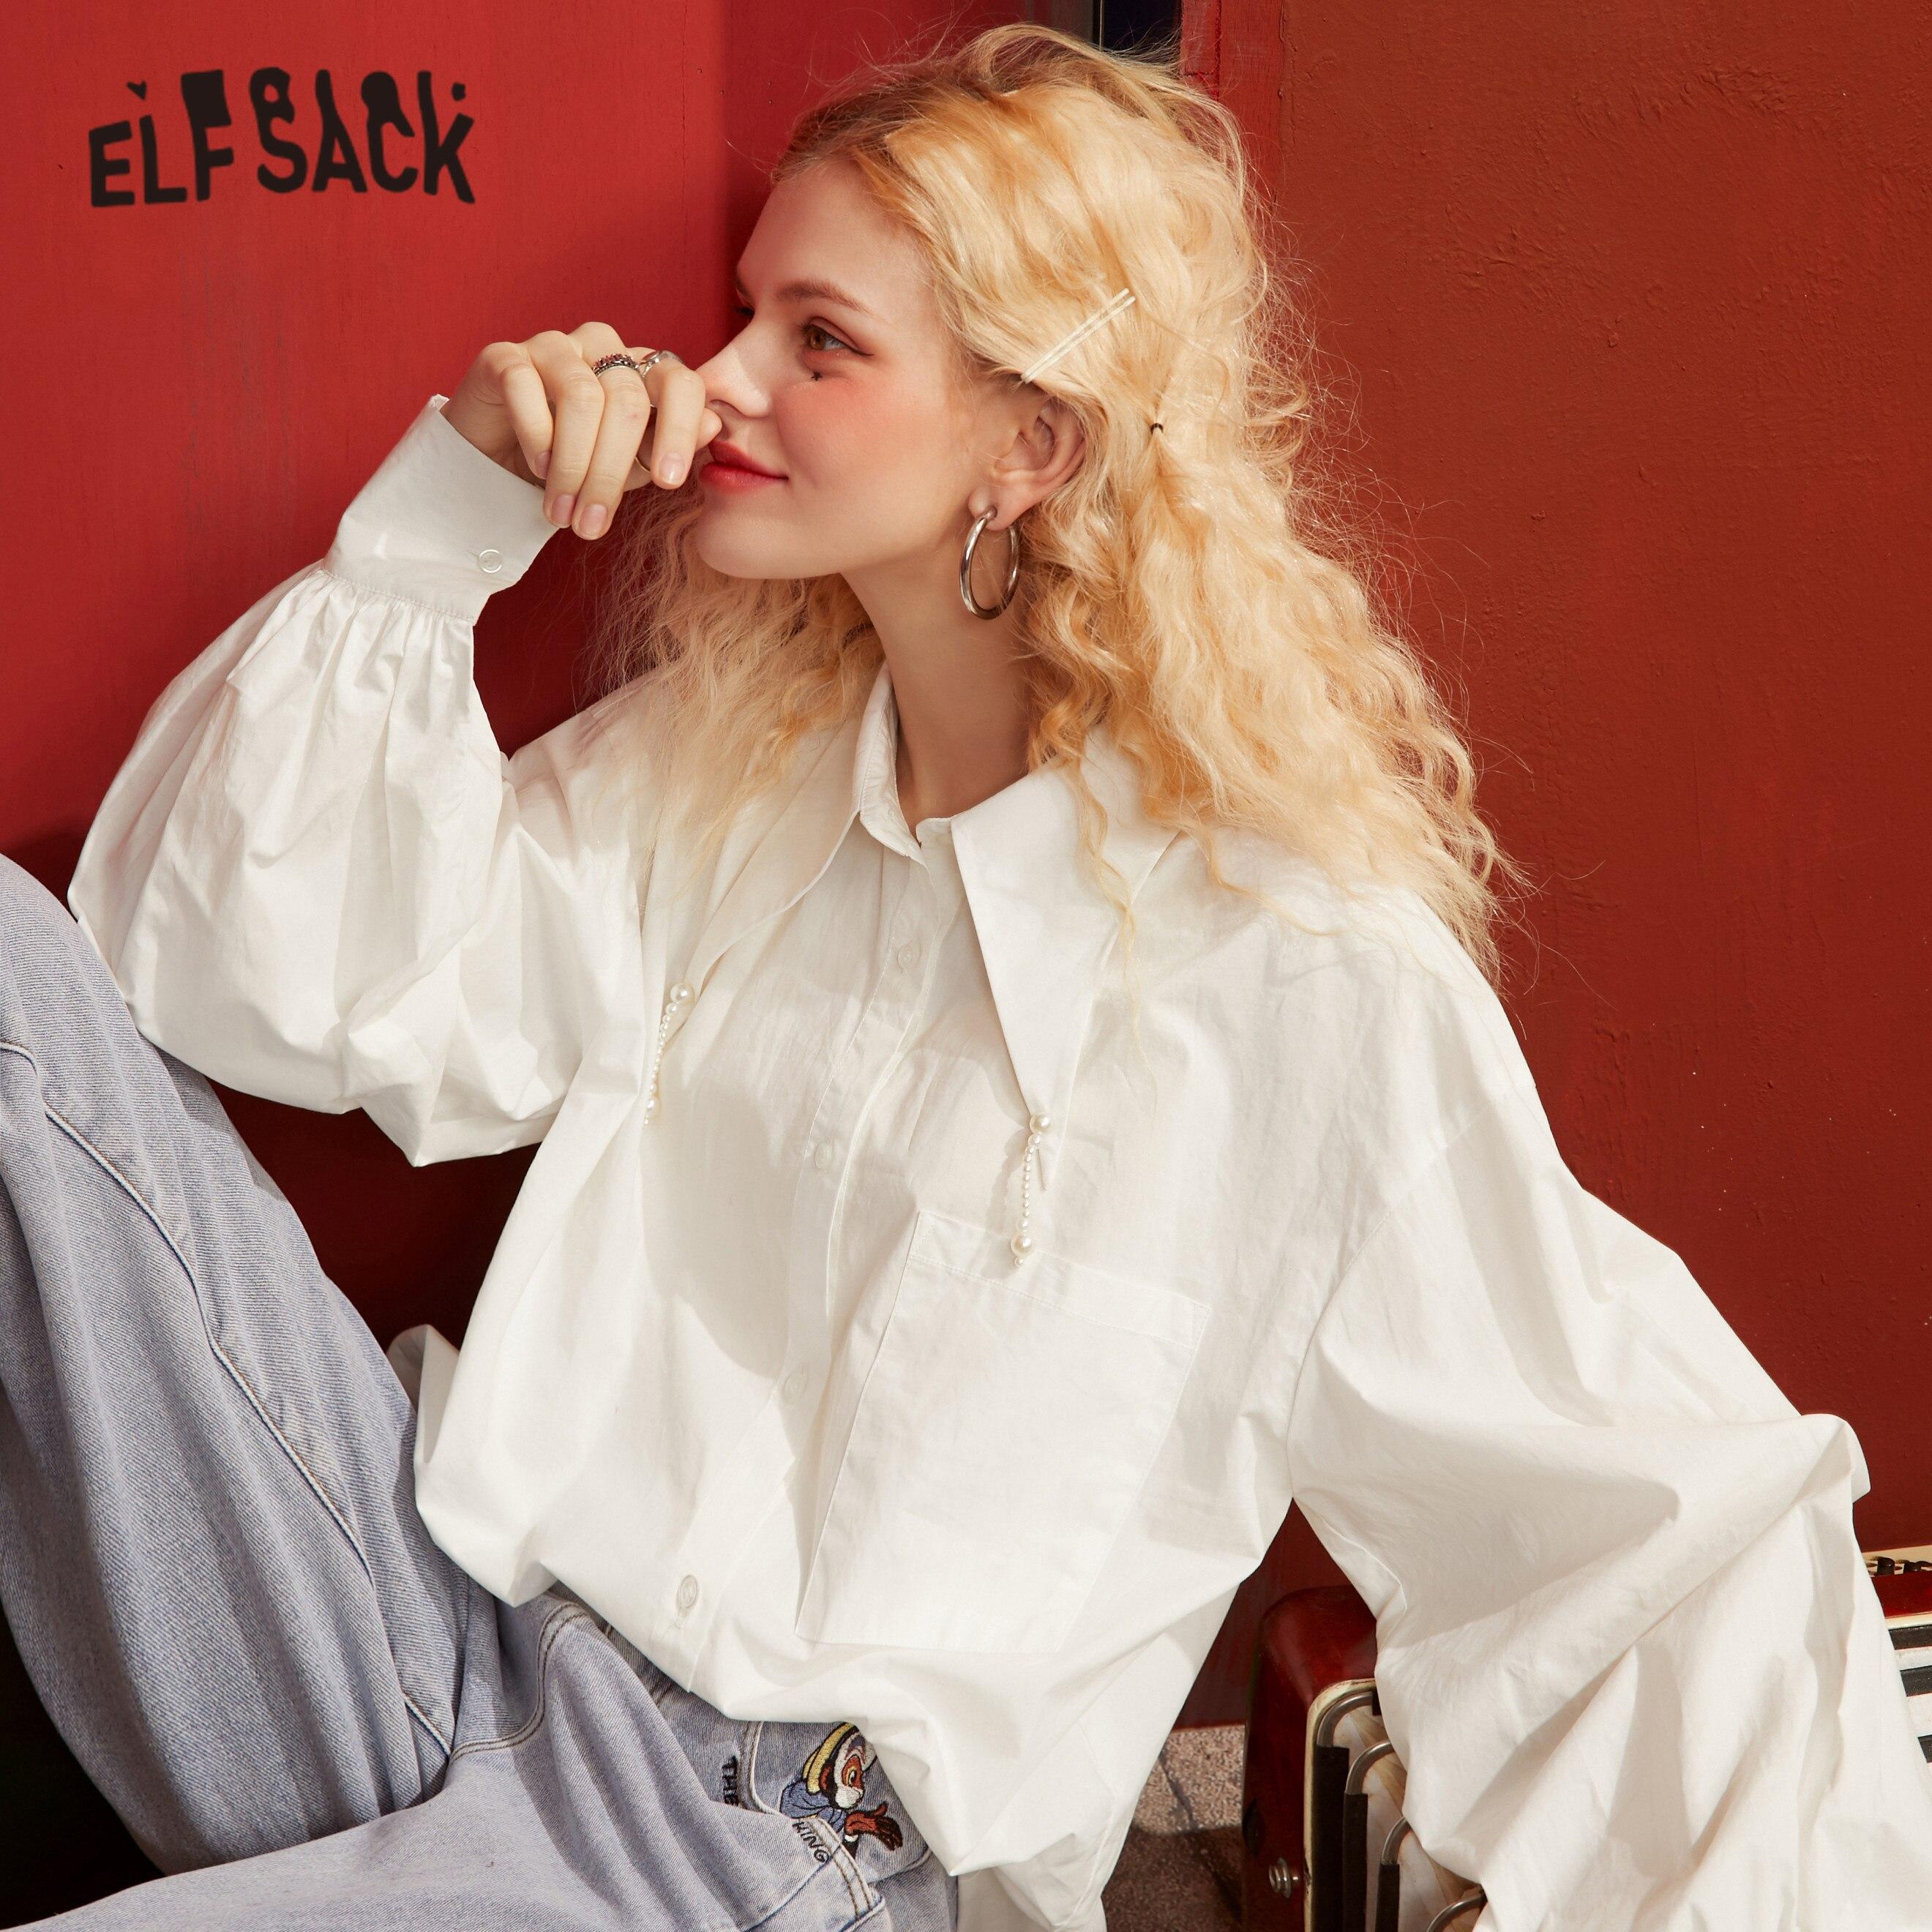 Женская однобортная Повседневная рубашка ELFSACK, однотонная Однотонная рубашка с воротником с жемчужинами и длинным рукавом, базовая Повседн...